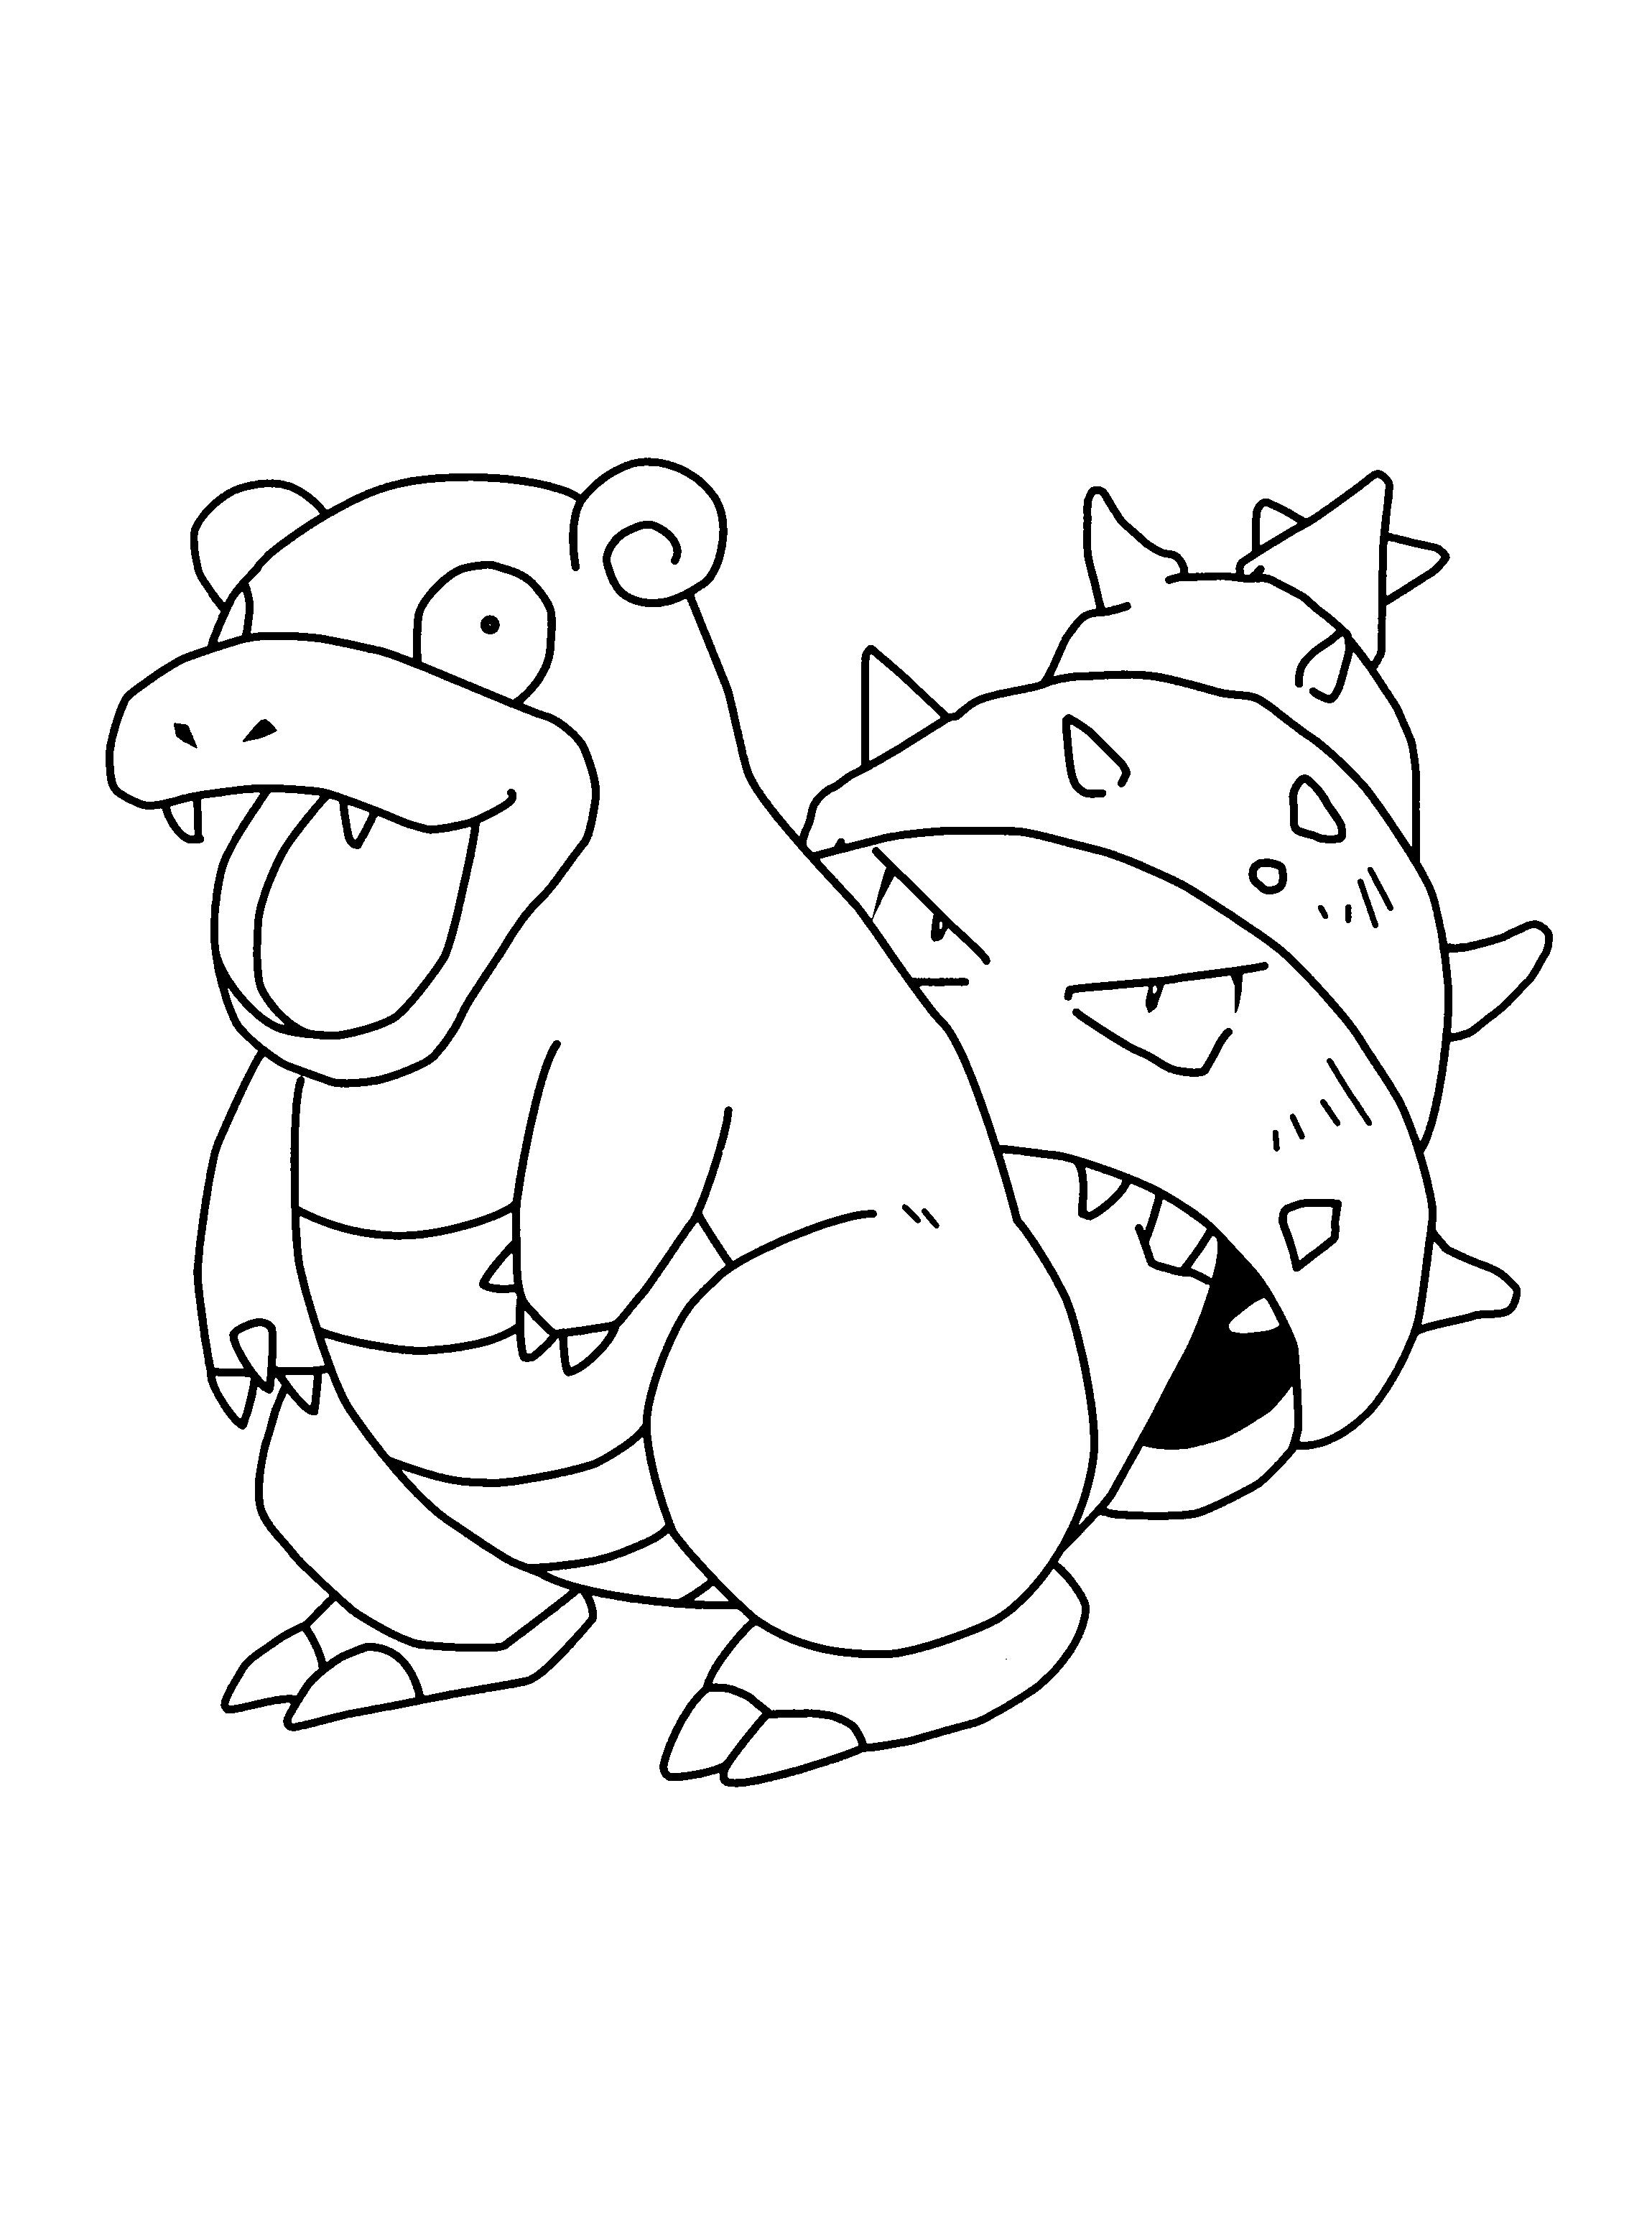 malvorlage  pokemon malvorlagen 751